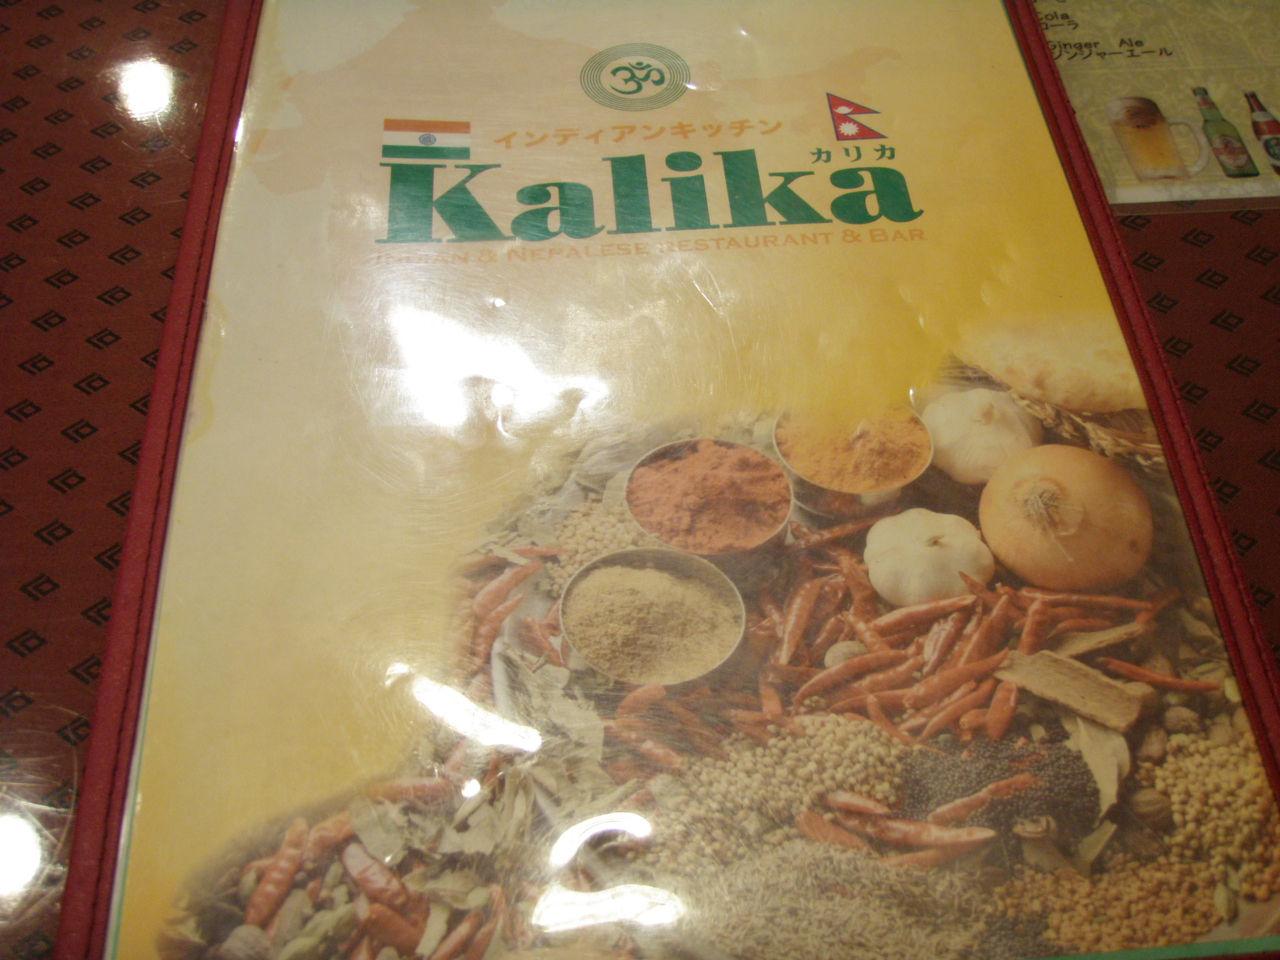 インド料理 カリカ 駒込店 店舗詳細|カレーの出前 …